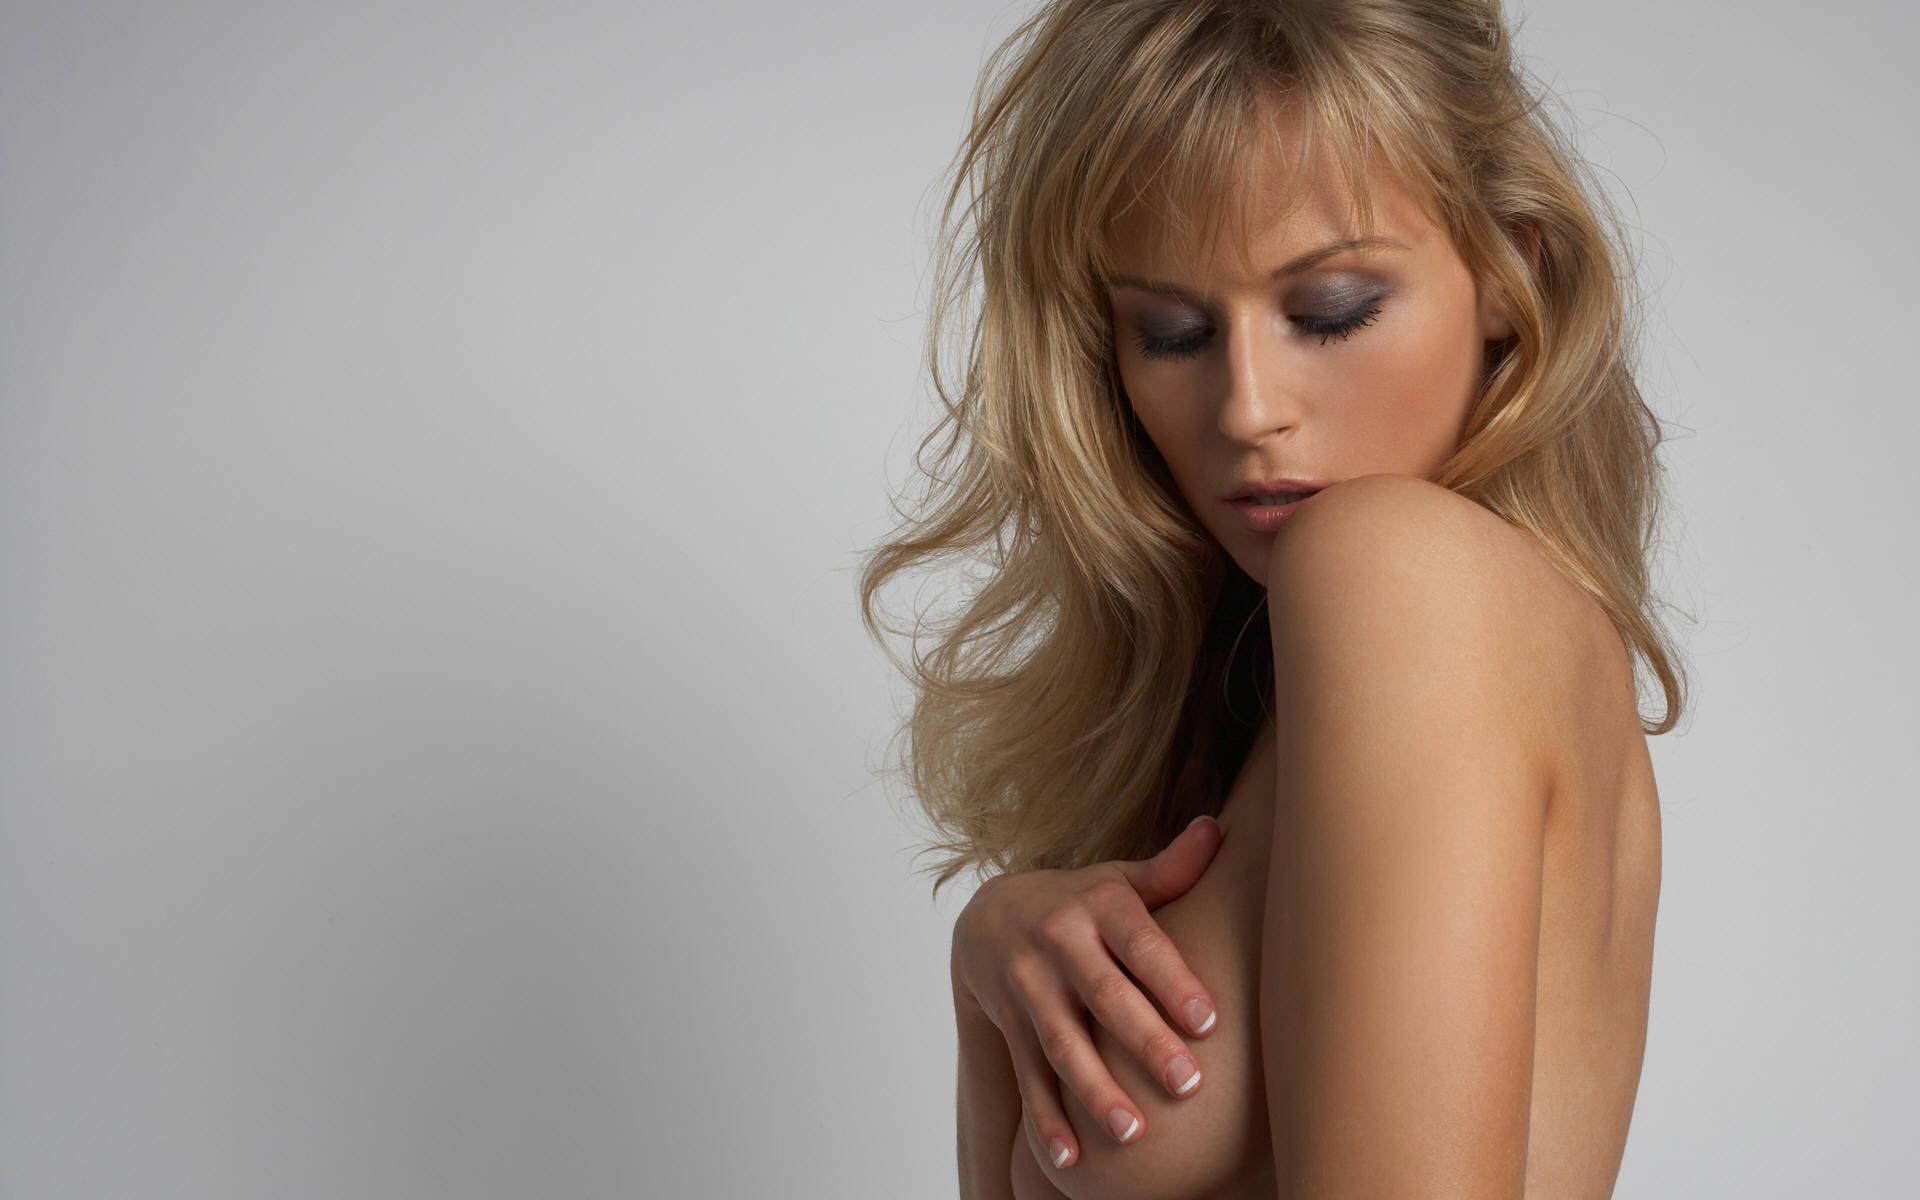 Фотографии с прикрытой грудью 1 фотография